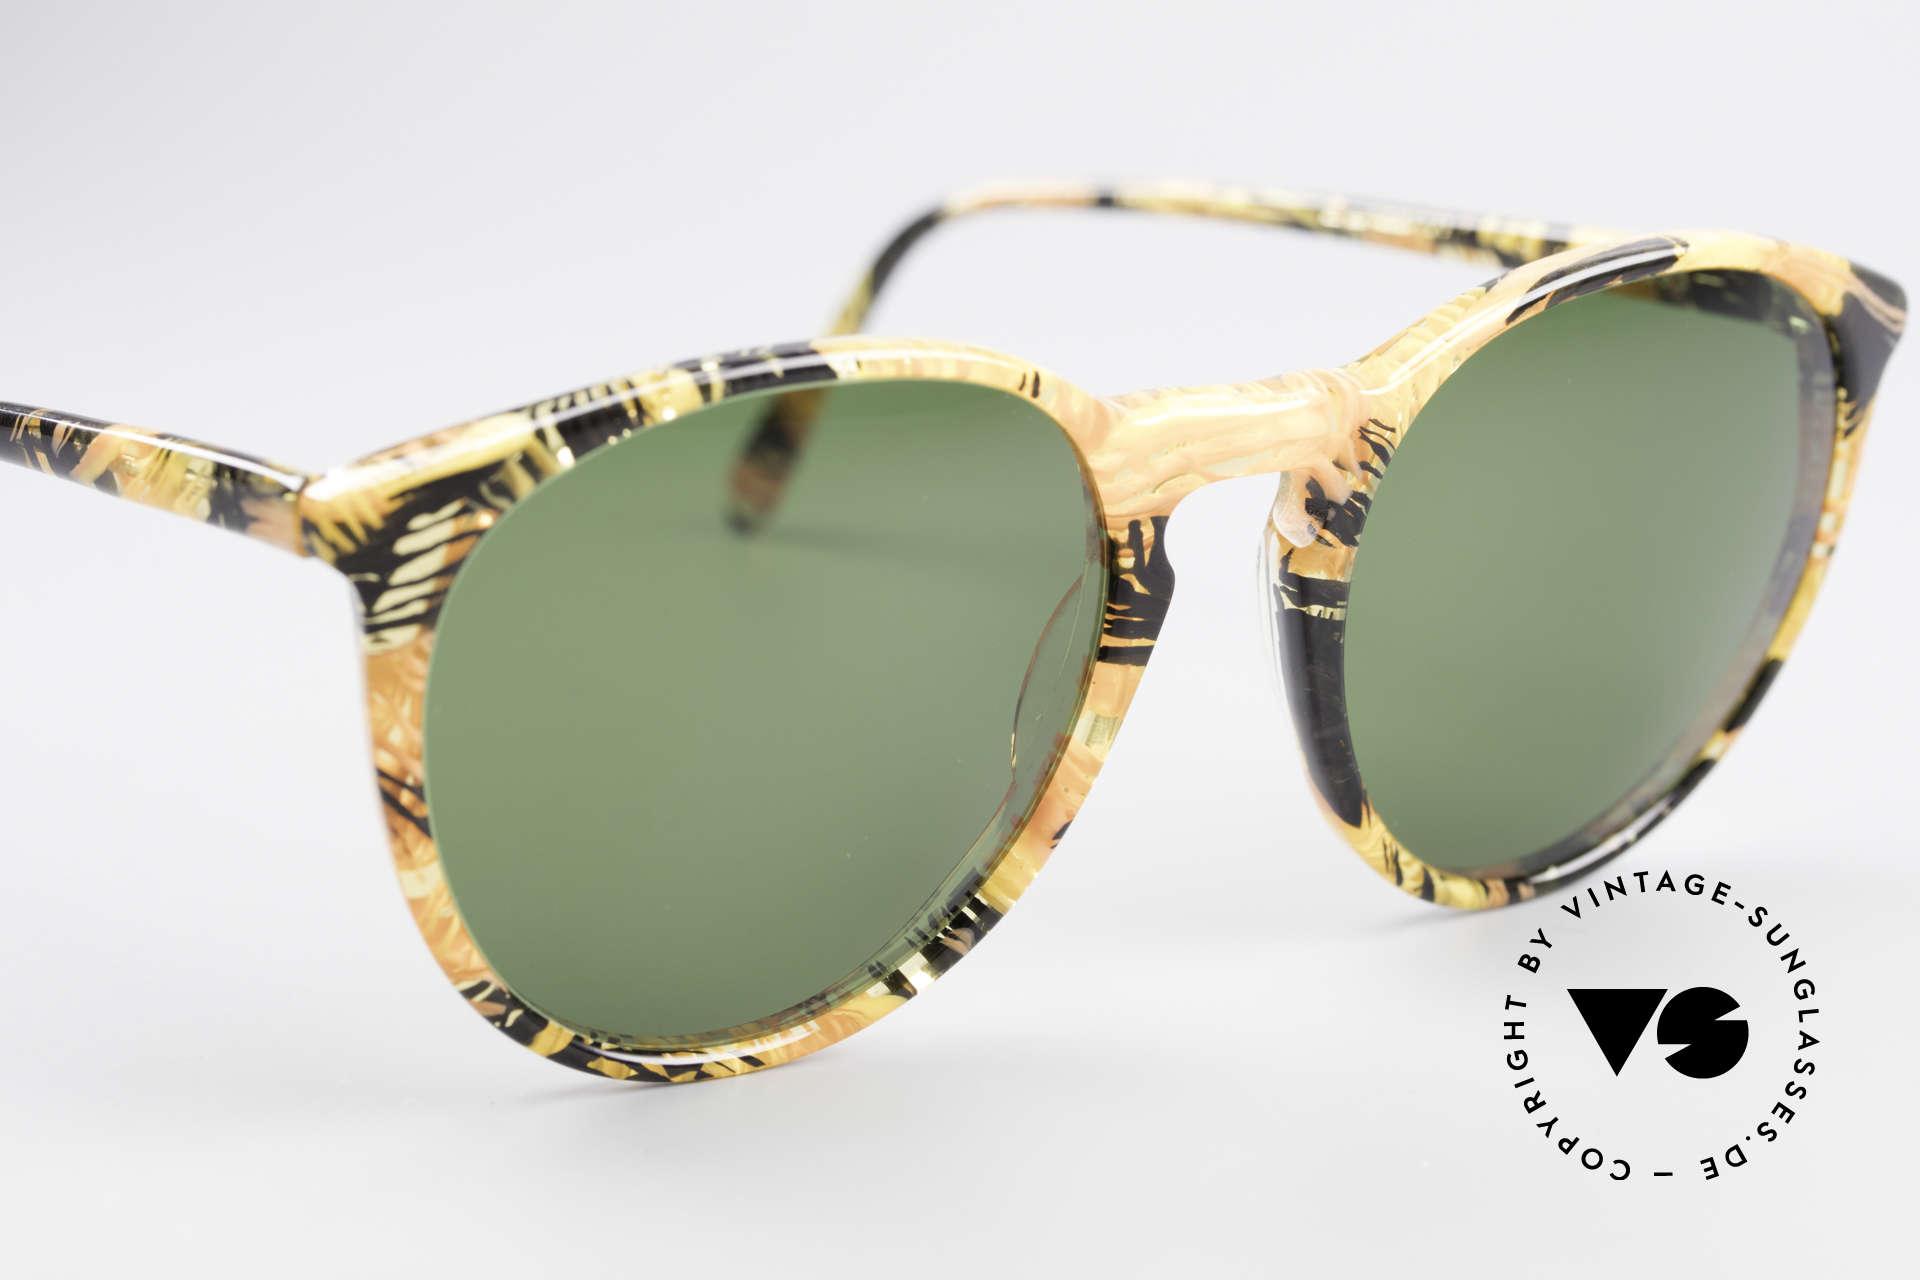 Alain Mikli 901 / 393 Bernstein Optik Panto Brille, ungetragen (wie alle unsere 1980er vintage Brillen), Passend für Herren und Damen